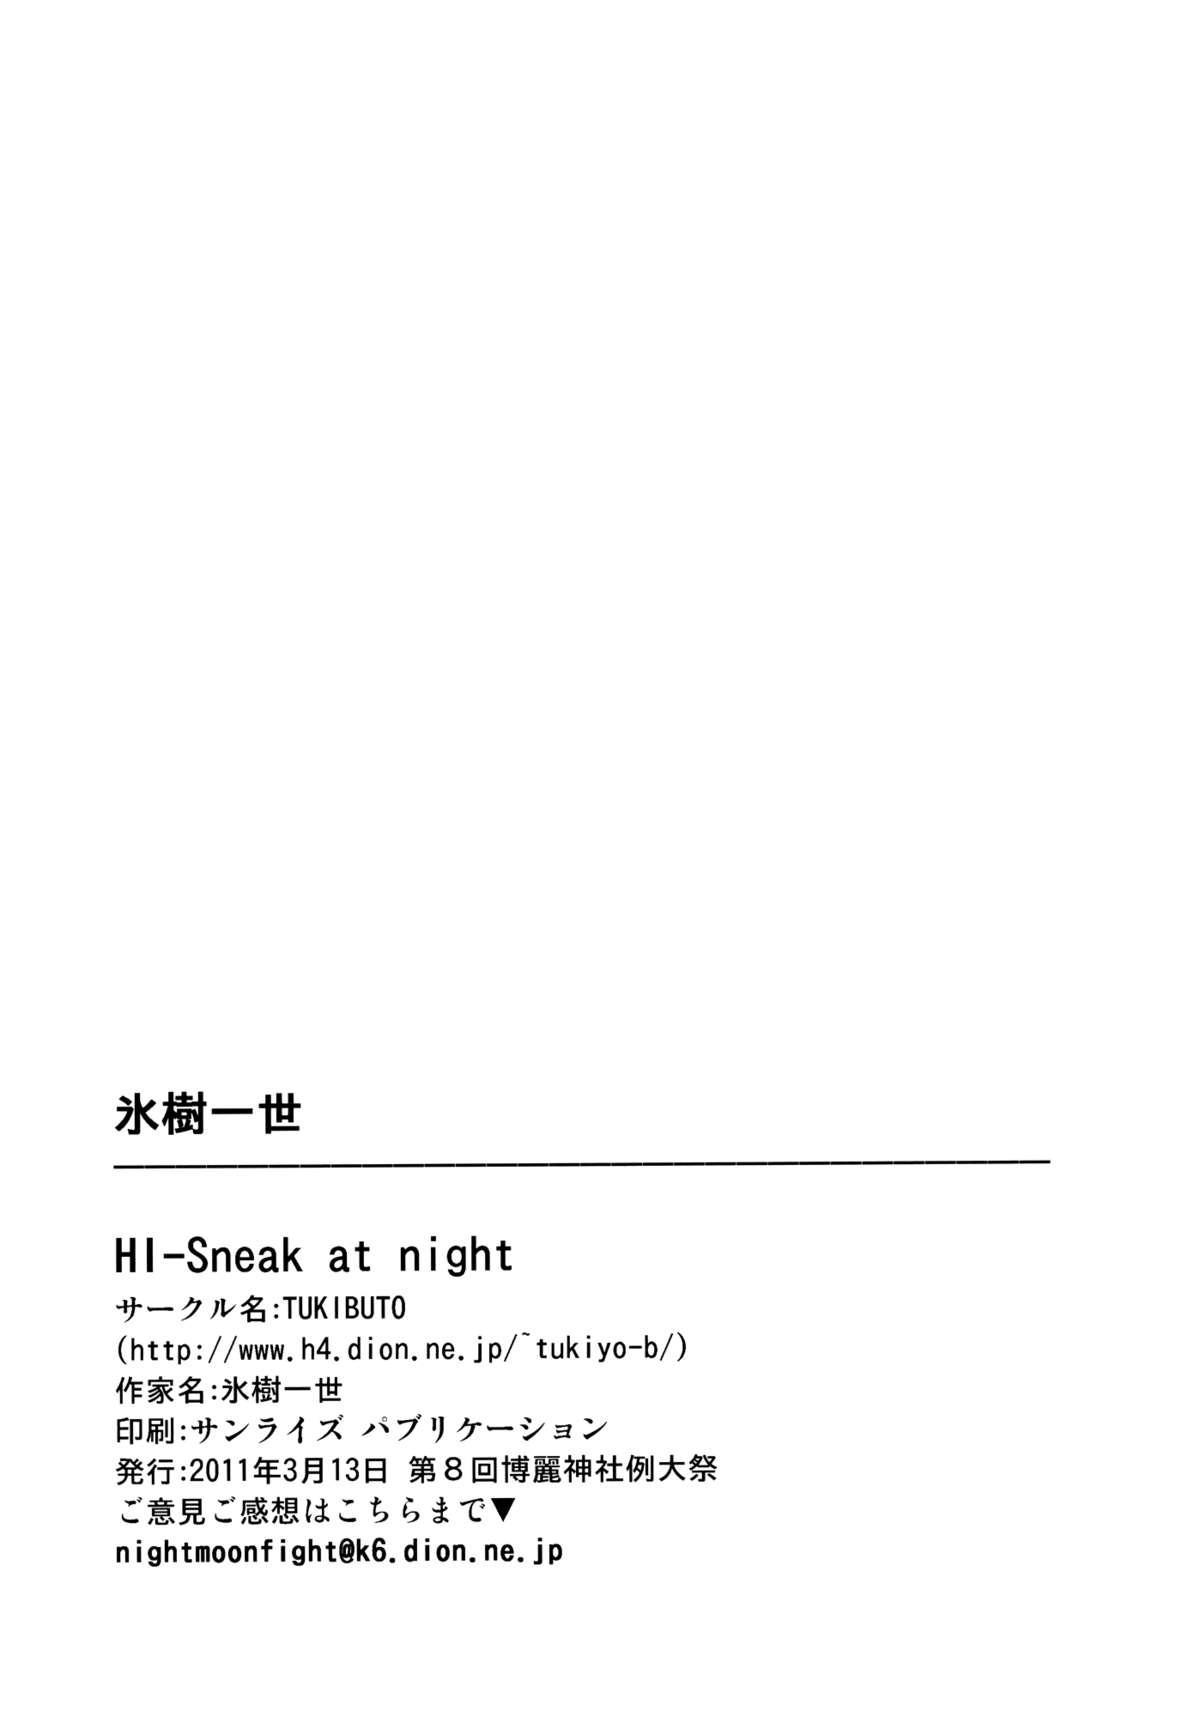 HI-Sneak at night 16